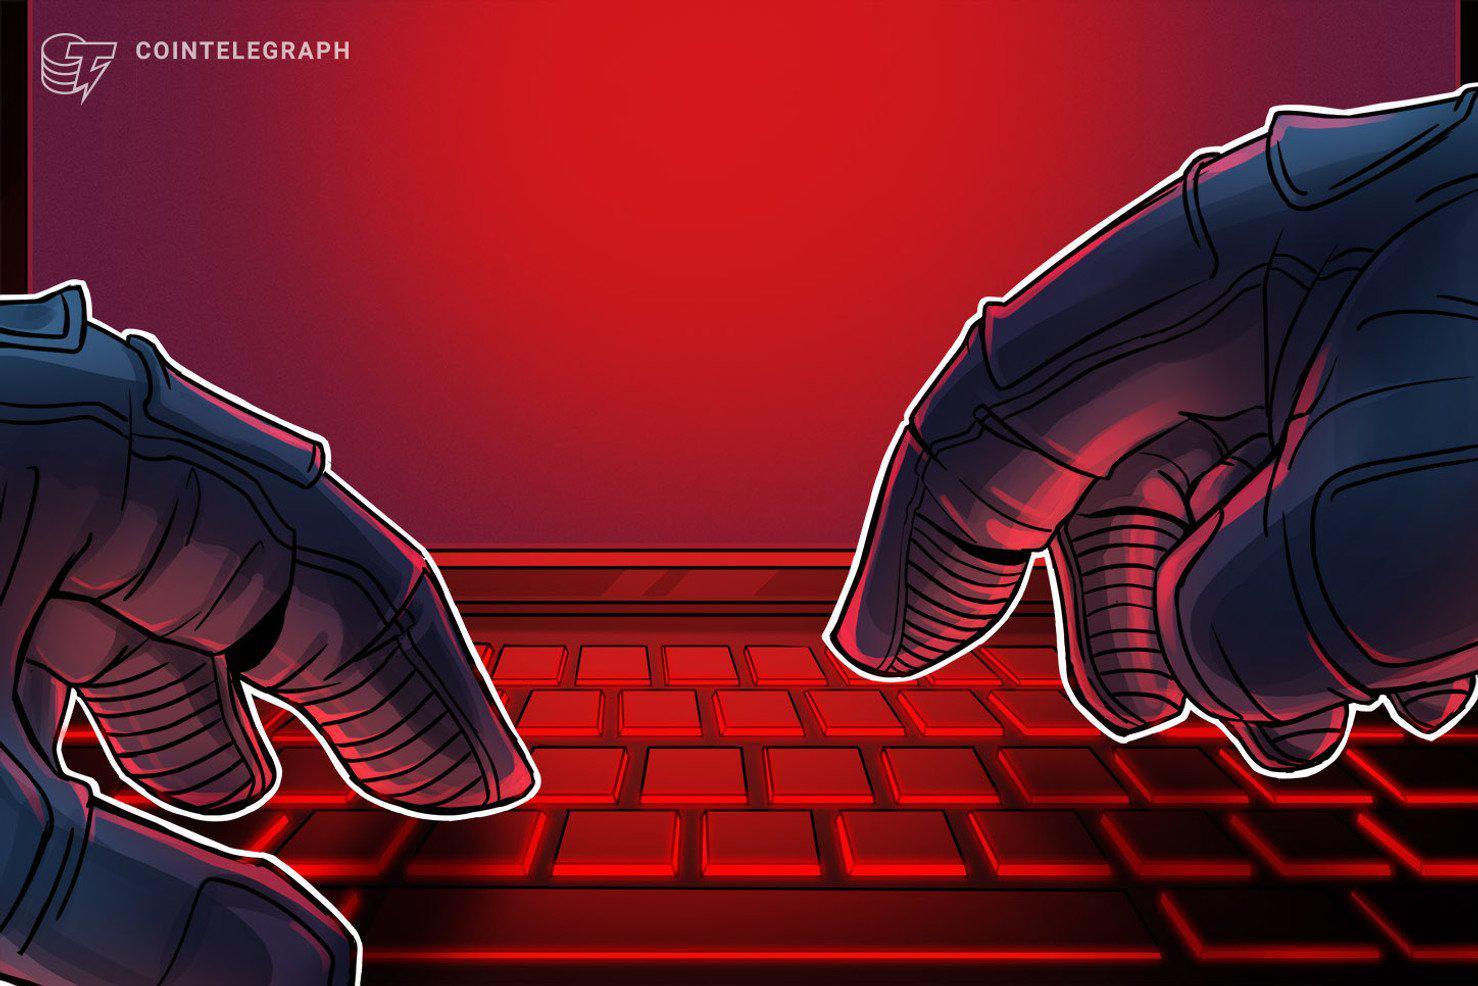 资讯|CipherTrace报告称,加密欺诈现在使传统银行面临合规性问题